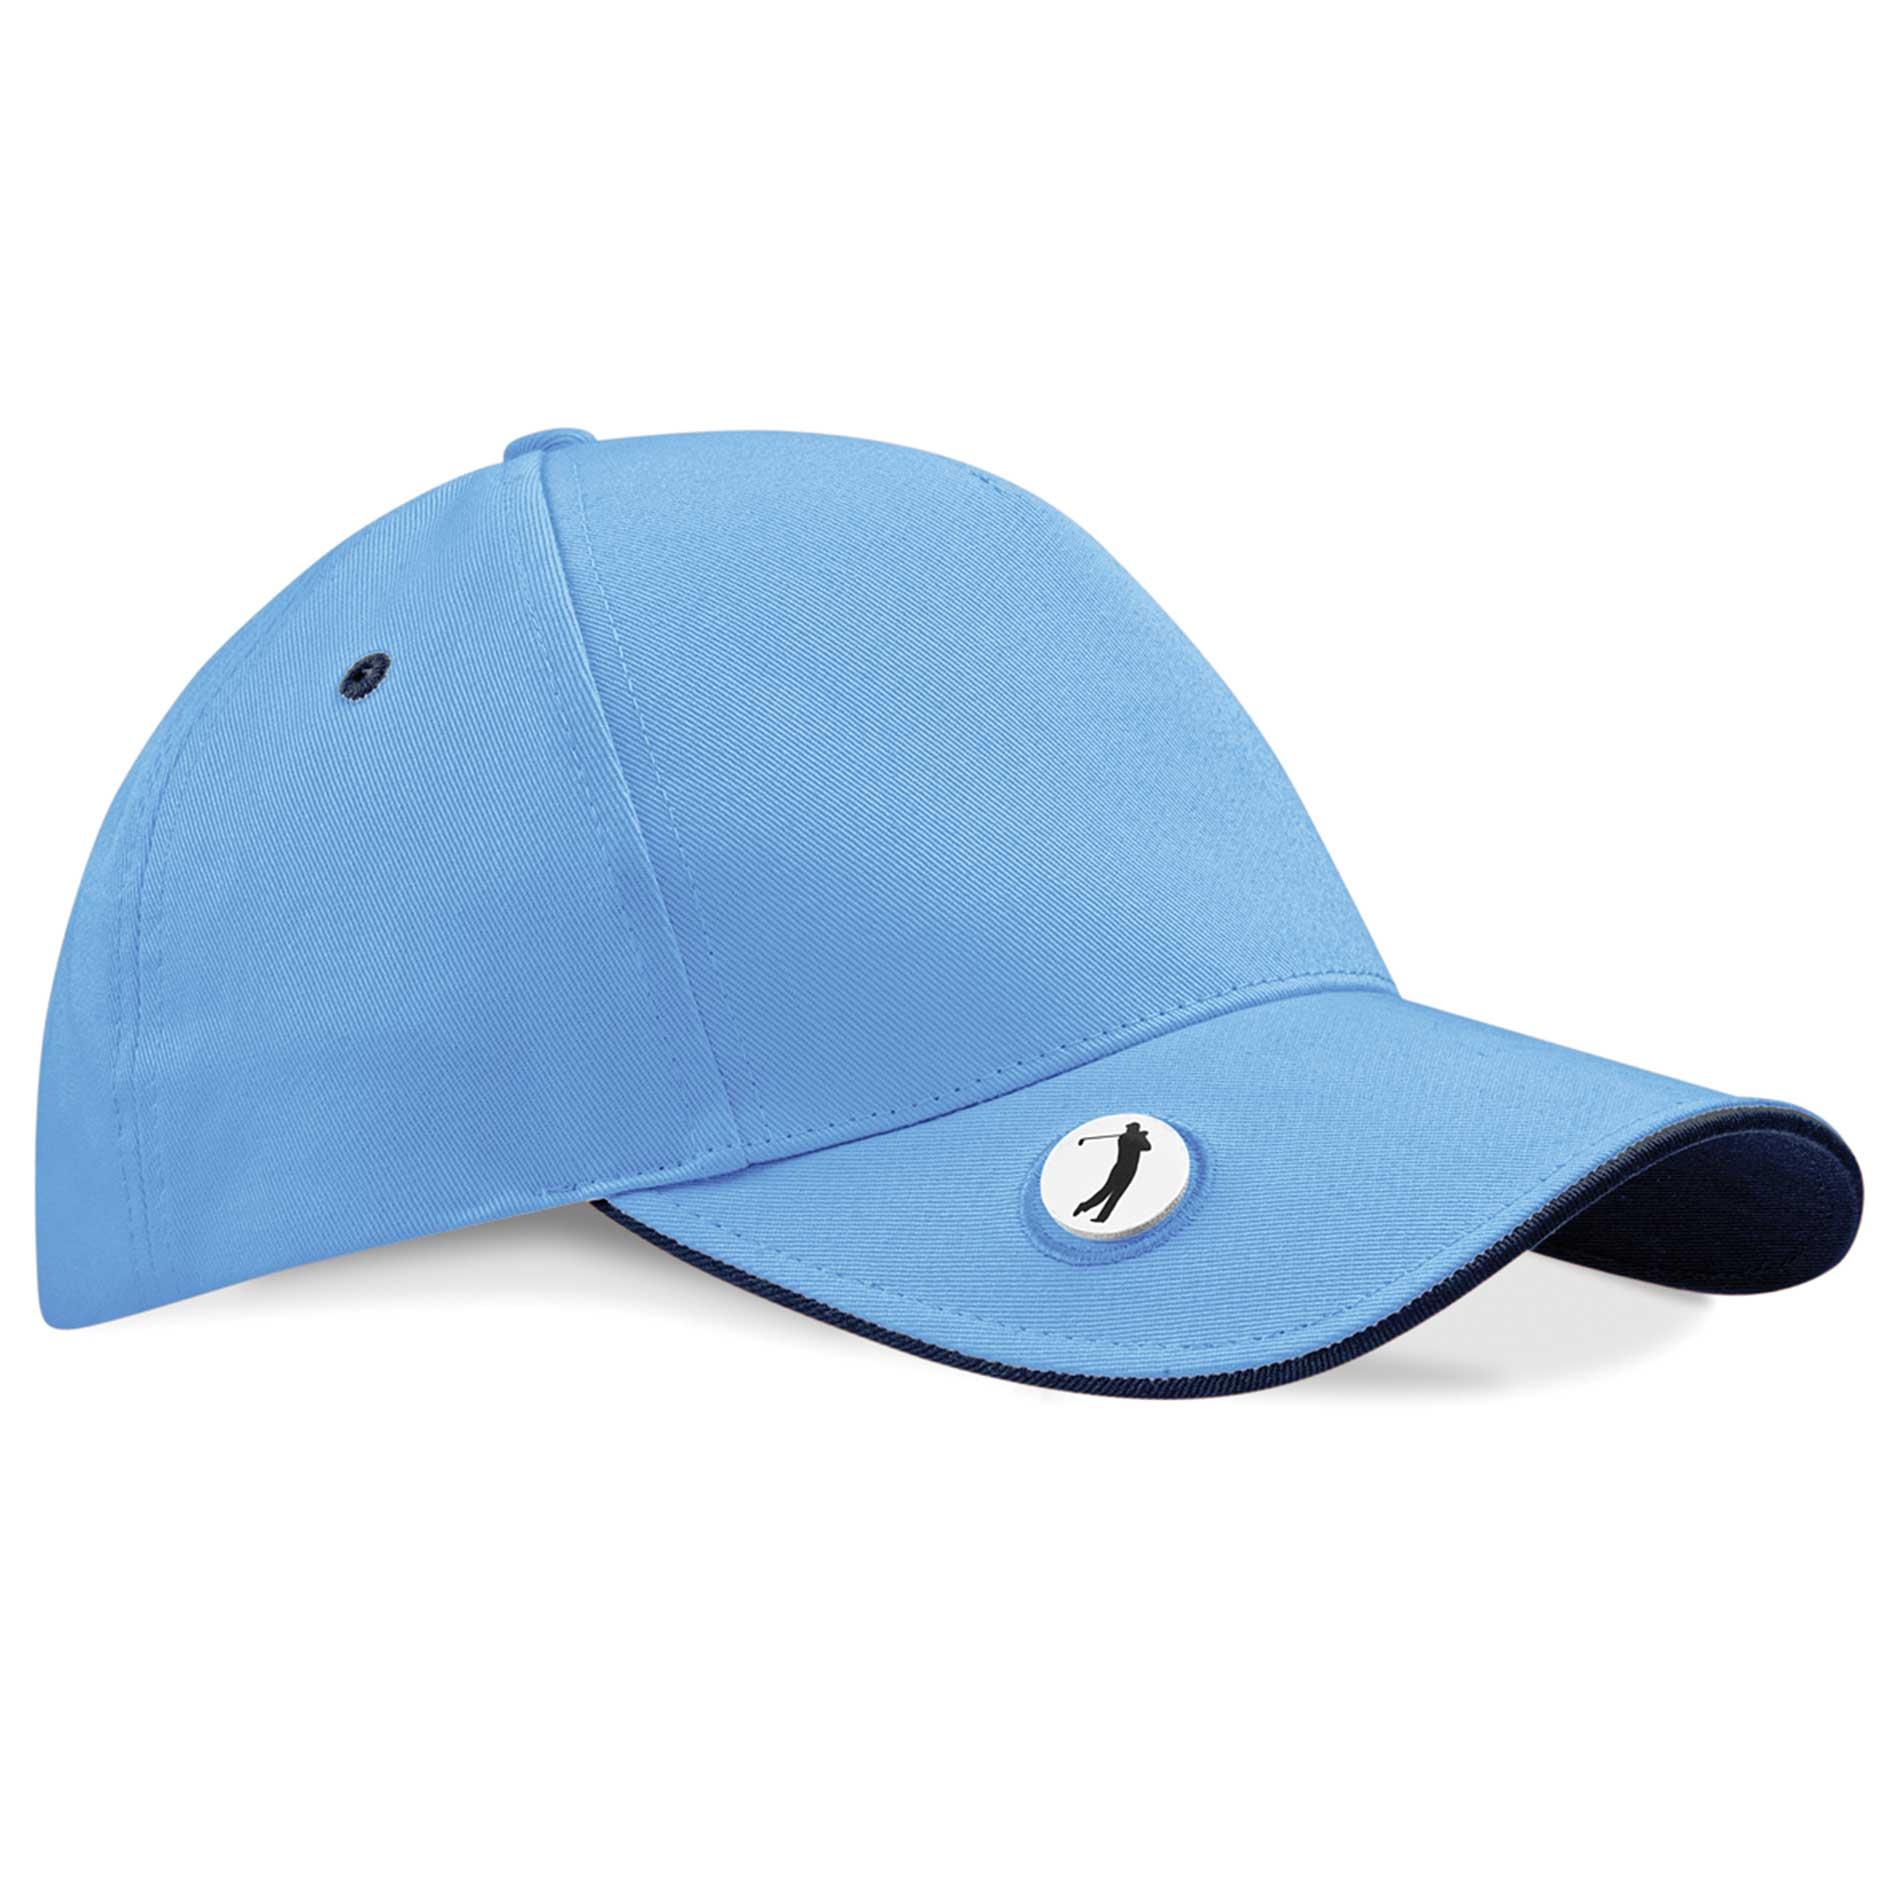 Ball mark golf cap